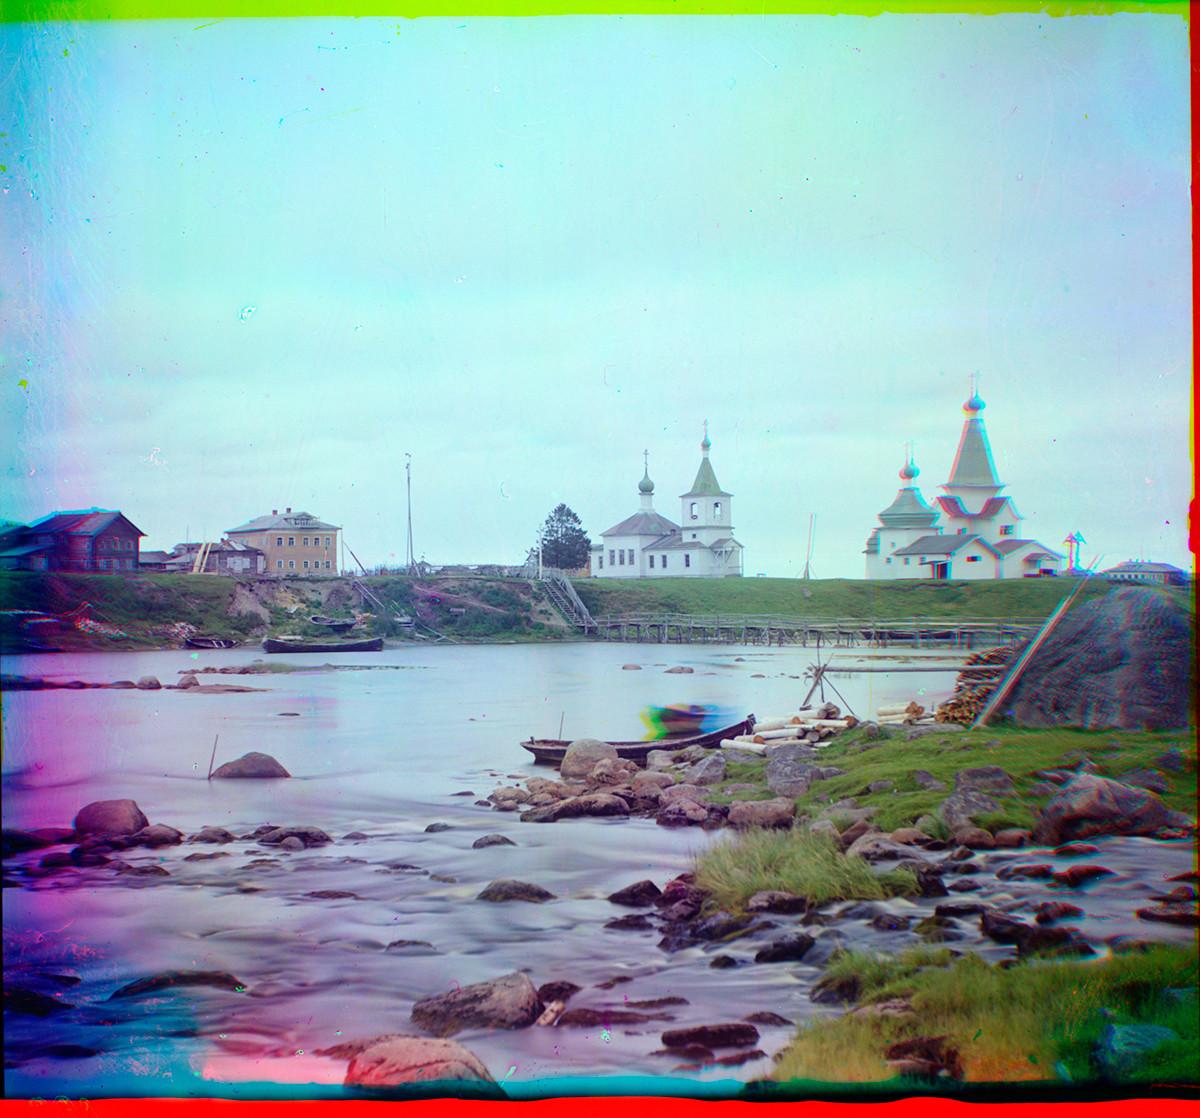 Šujereckoje. Pogled na reko Šuja z leseno cerkvijo sv. Klementa (v sredini), cerkvijo sv. Paraskeve in cerkvijo sv. Nikolaja. Madež na čolnu je oseba, ki se premika med tremi ekspozicijami barvnega postopka. Poletje 1916